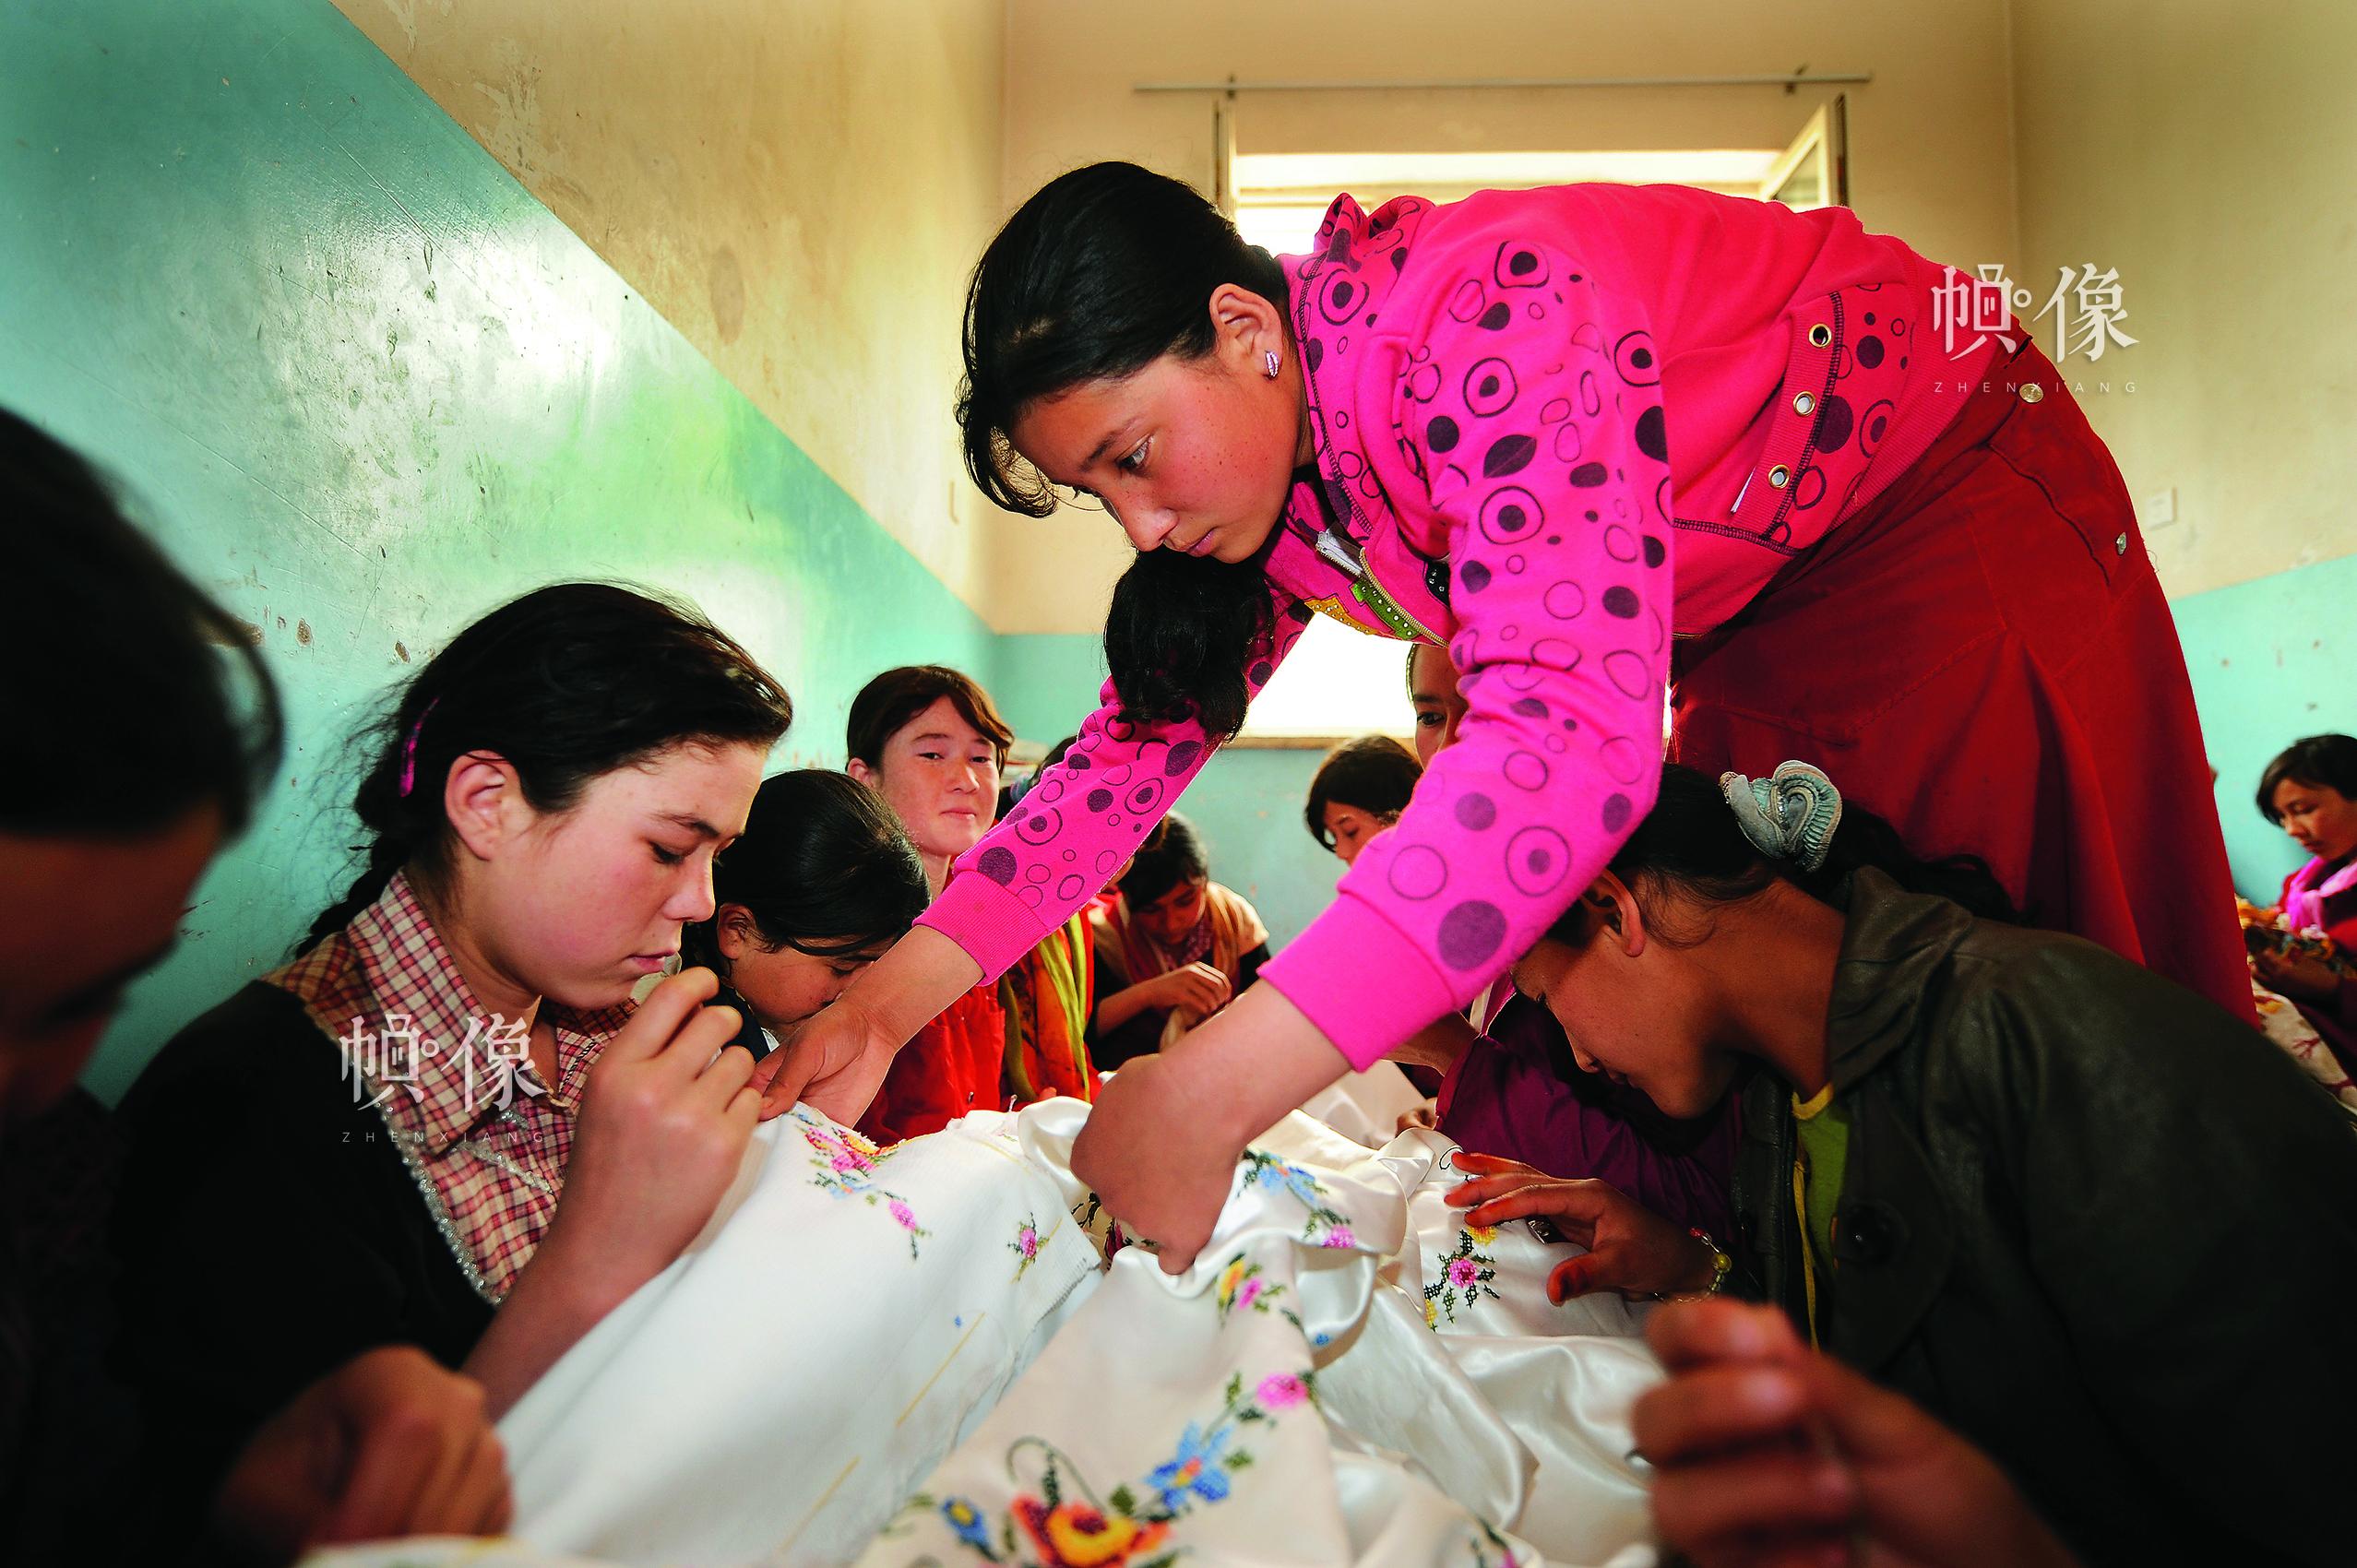 春蕾女童沙日瓦泥,2007年毕业后在新疆墨玉县加汗巴格乡中学教刺绣。中国儿基会供图